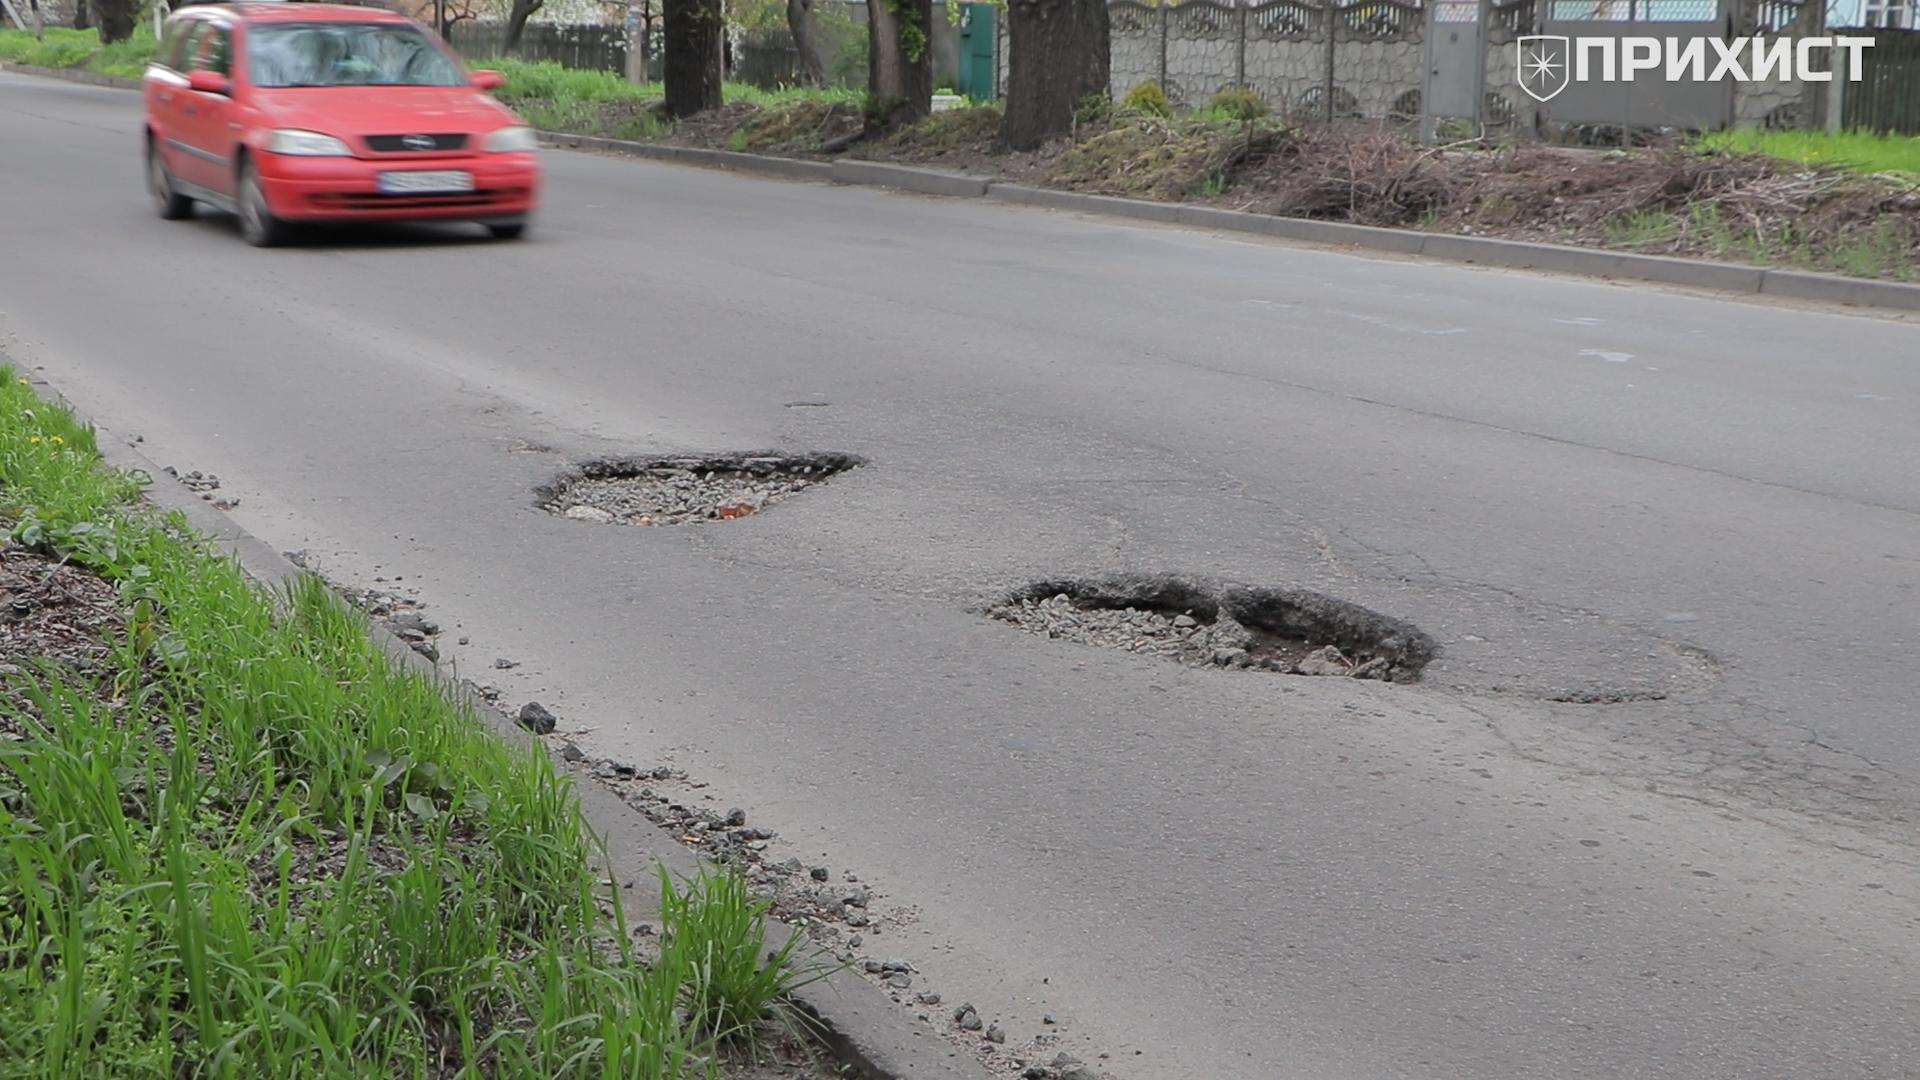 По ул. Героев Чернобыля водители уже год вынуждены объезжать ямы | Прихист